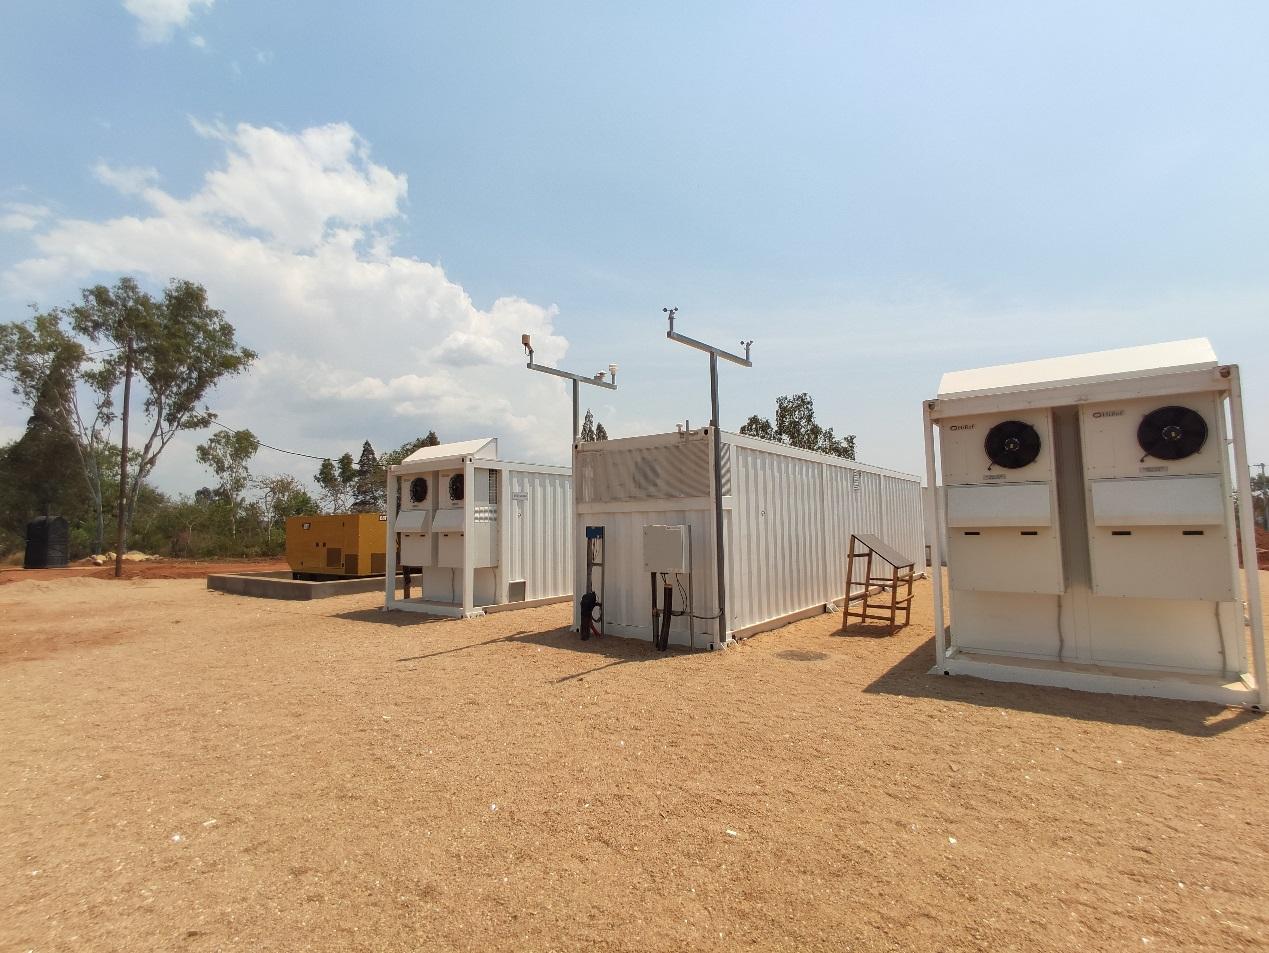 科陆携手合作伙伴完成卢旺达首个光储柴离网系统